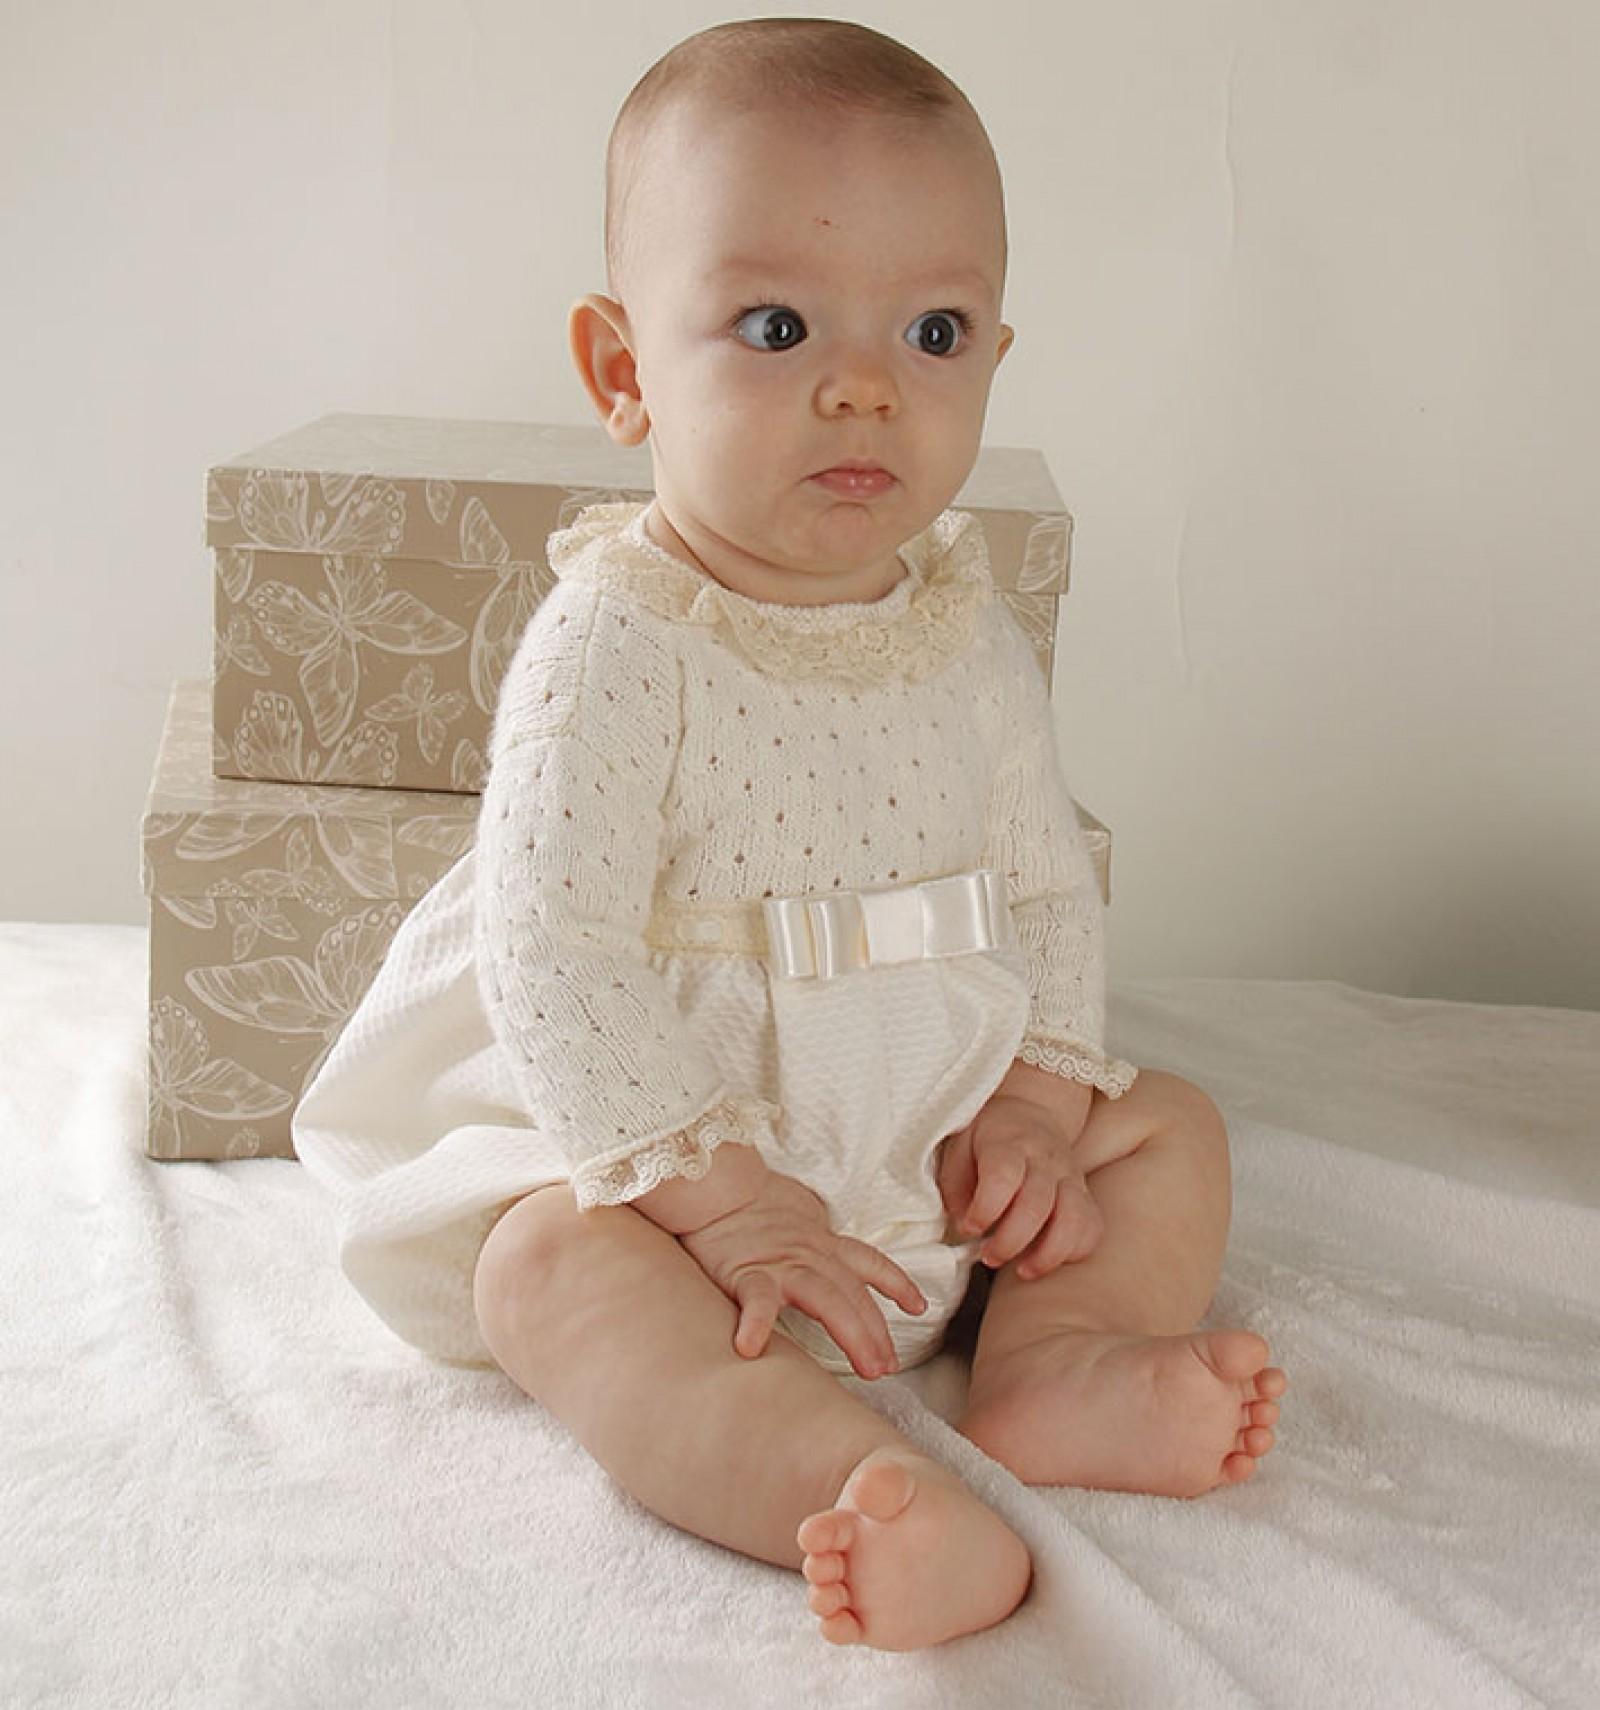 ddc3187a7 Ranita de ceremonia y bautizo para bebé con cuerpo de lana